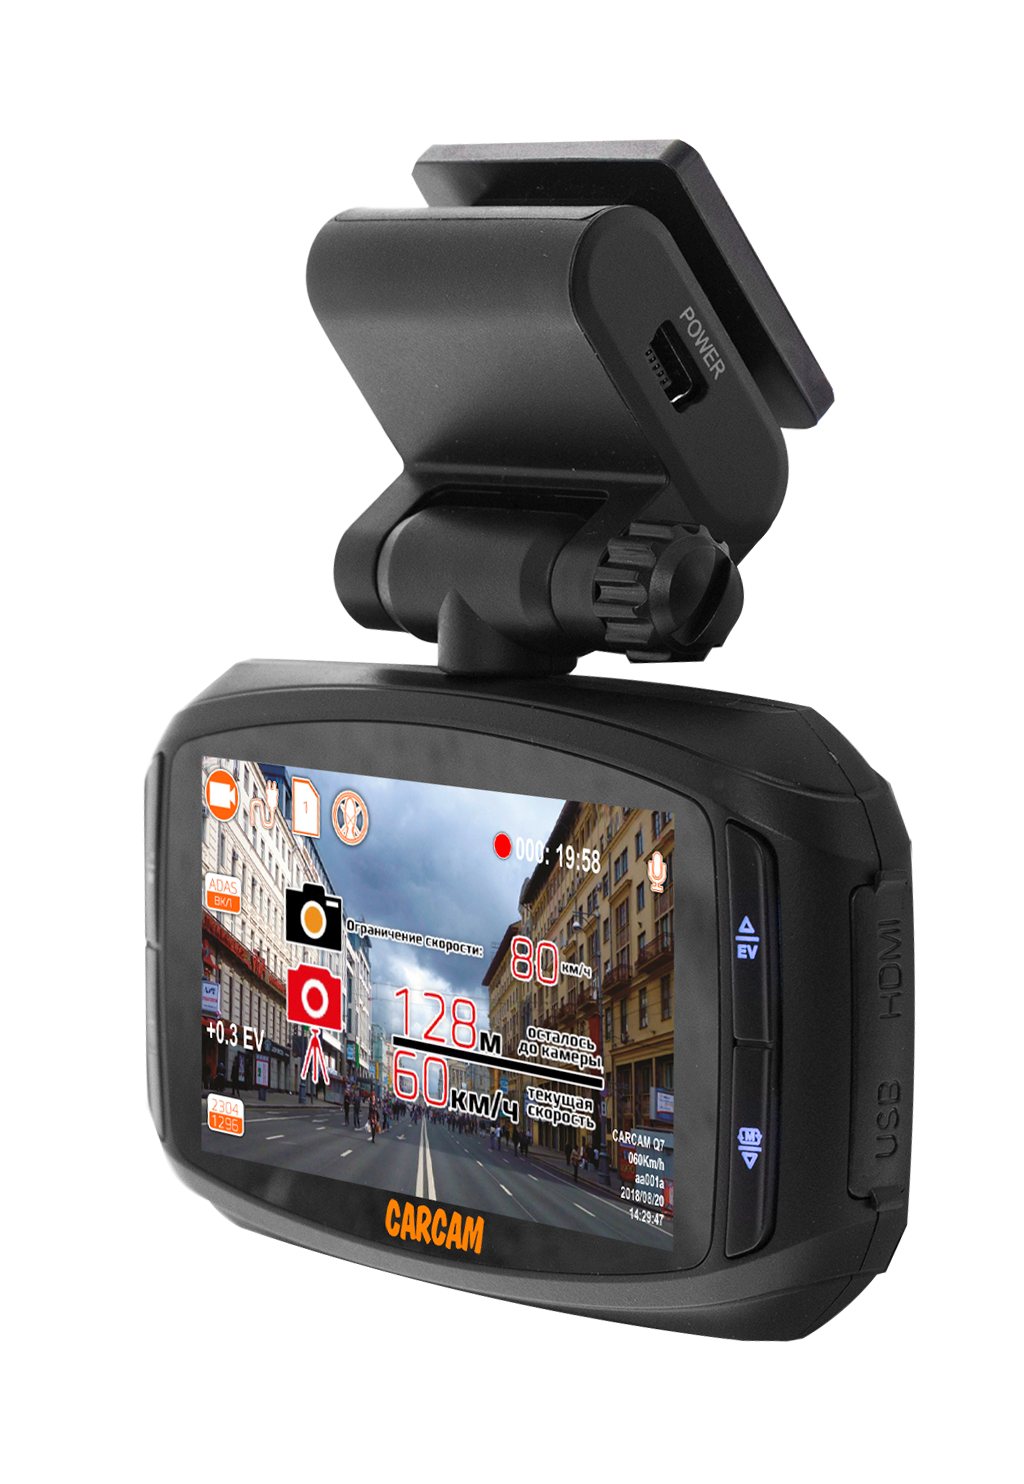 Регистратор для авто новосибирск авторегистратор wdr full hd 1080p инструкция по применению видео